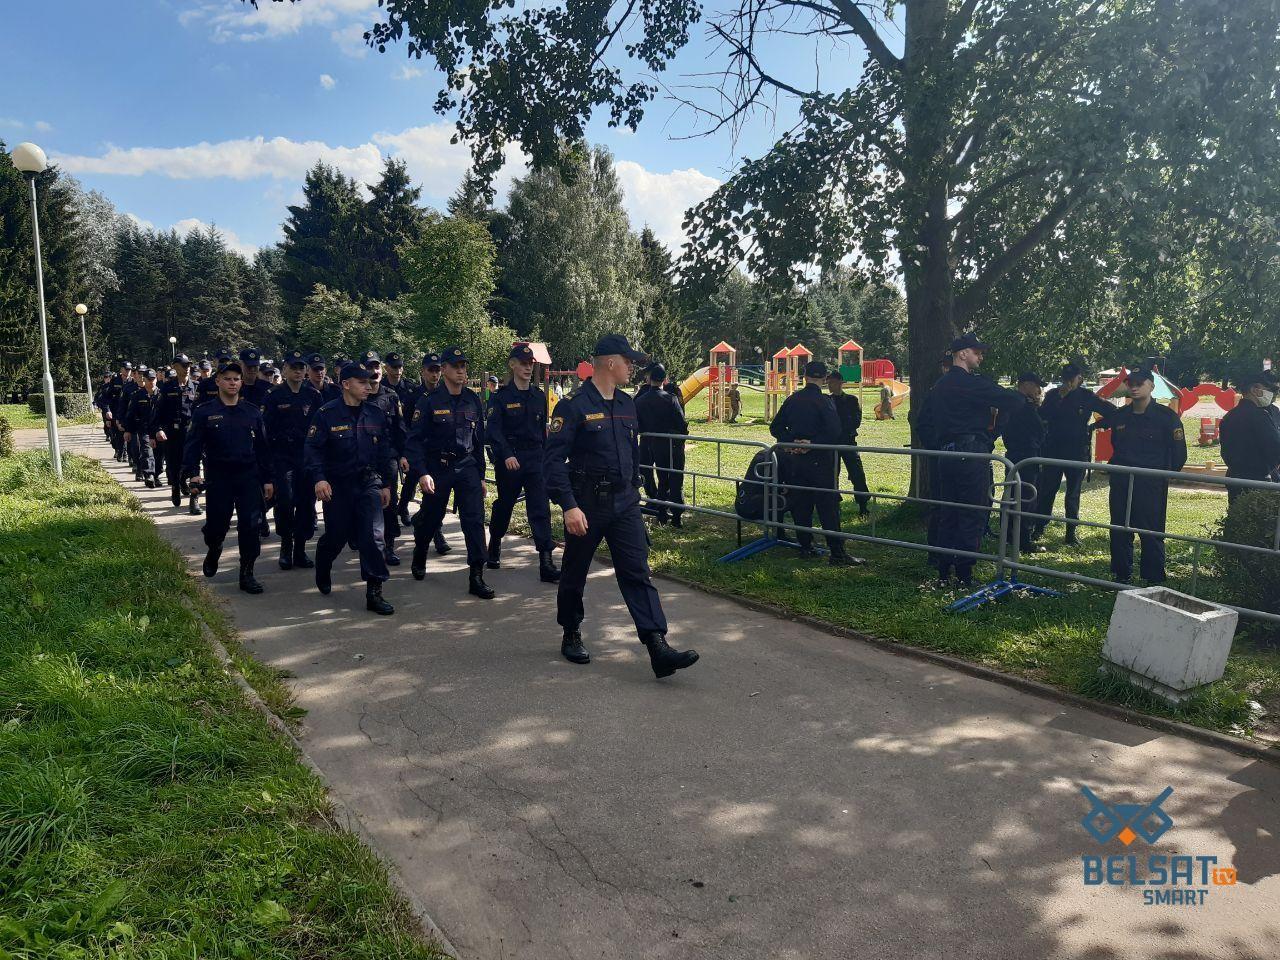 Протести у Білорусі: у Мінську більше 30 тис. людей вийшли на вулиці